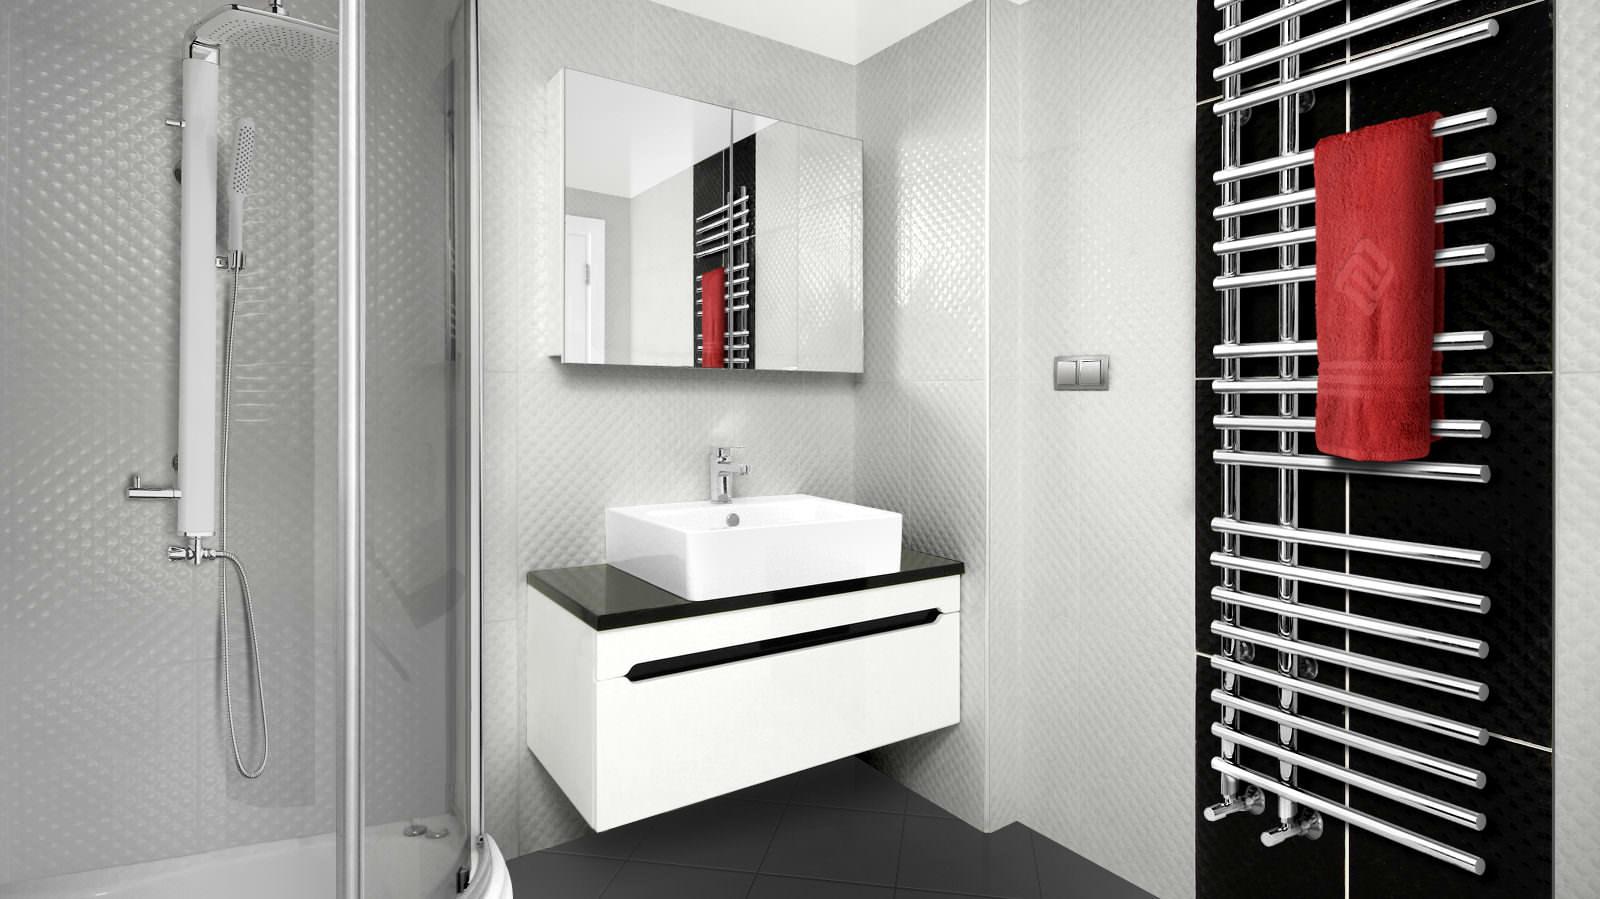 Теплый пол в ванной от полотенцесушителя